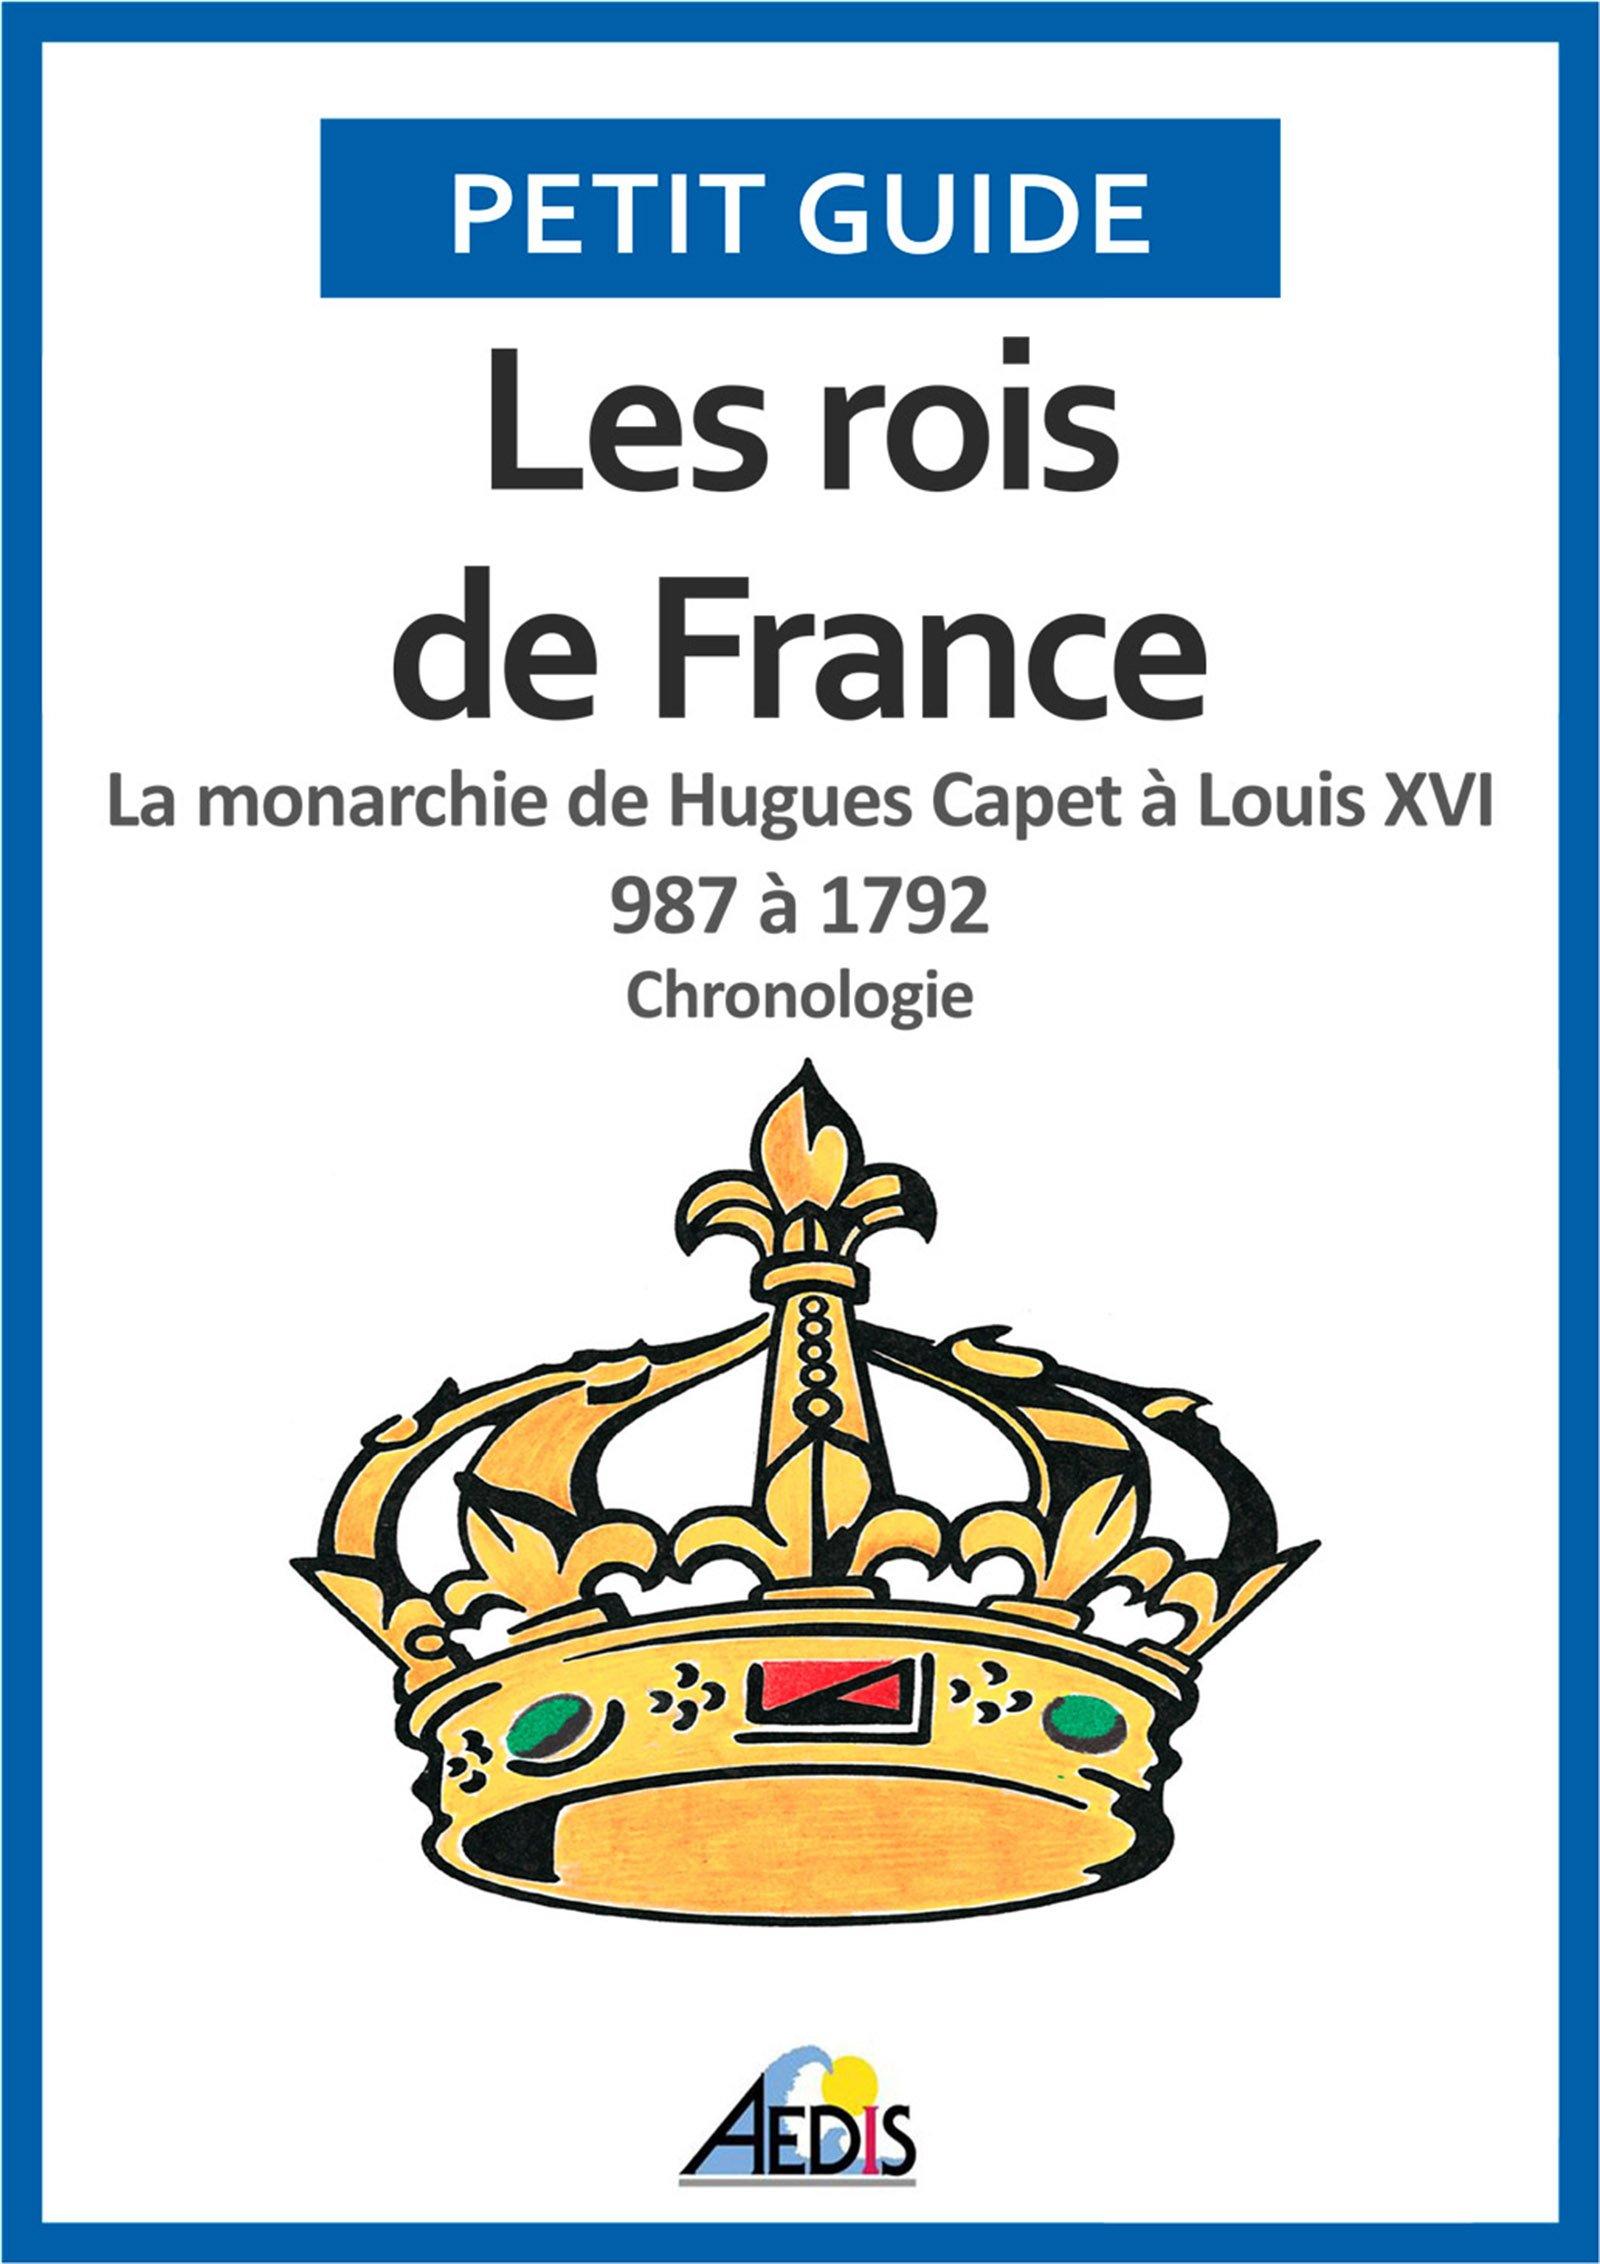 Les rois de France: La monarchie de Hugues Capet à Louis XVI 987 à 1792 - Chronologie (Petit guide t. 38)